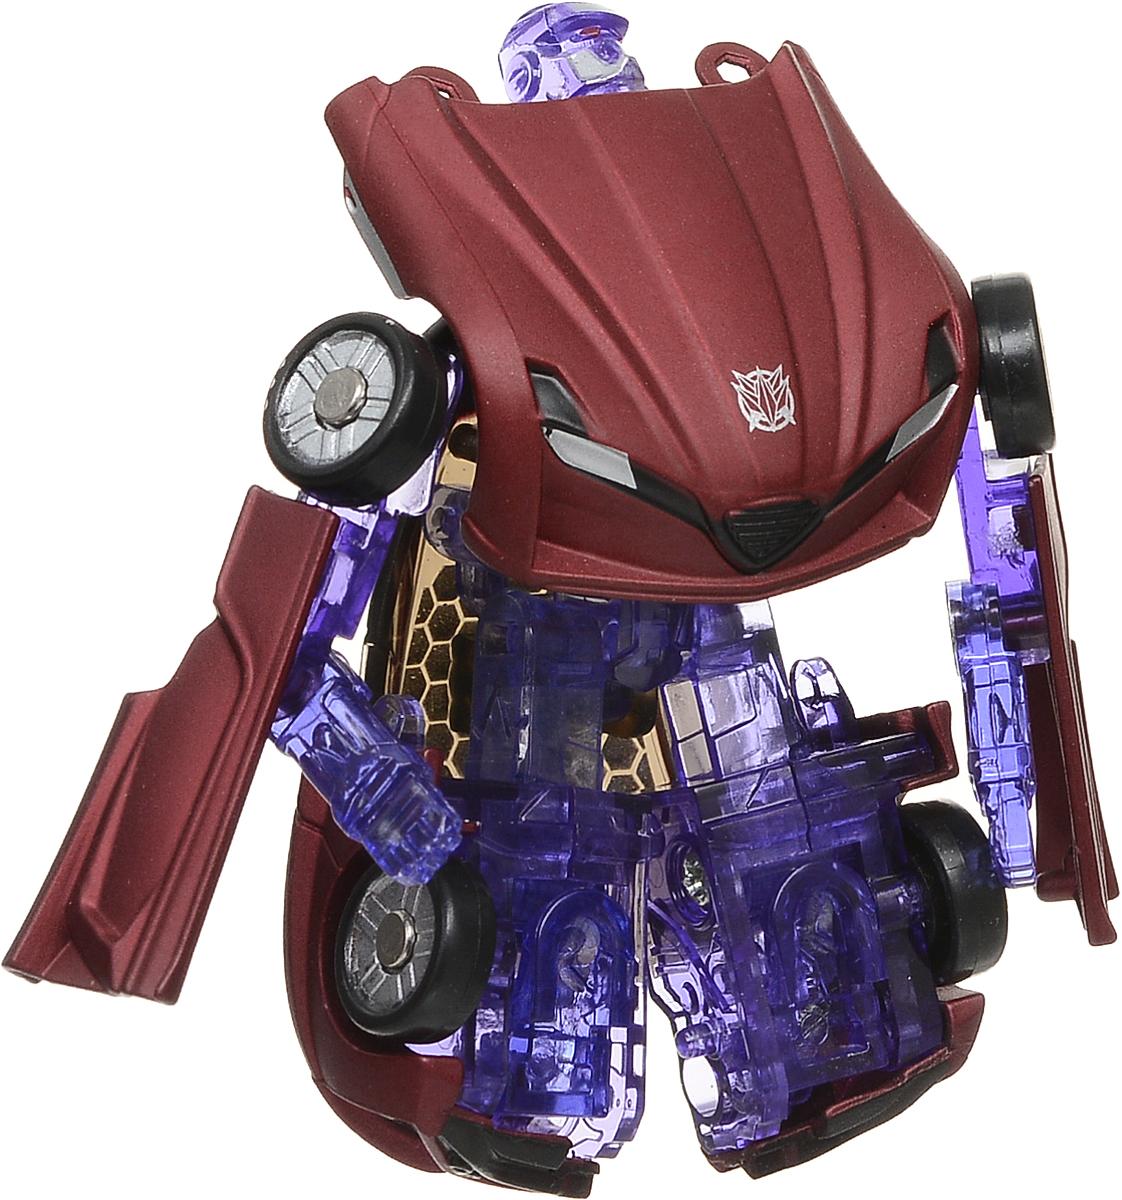 Yako Робот-трансформер цвет синий бордовый купить магнитолу пионер в машину недорого